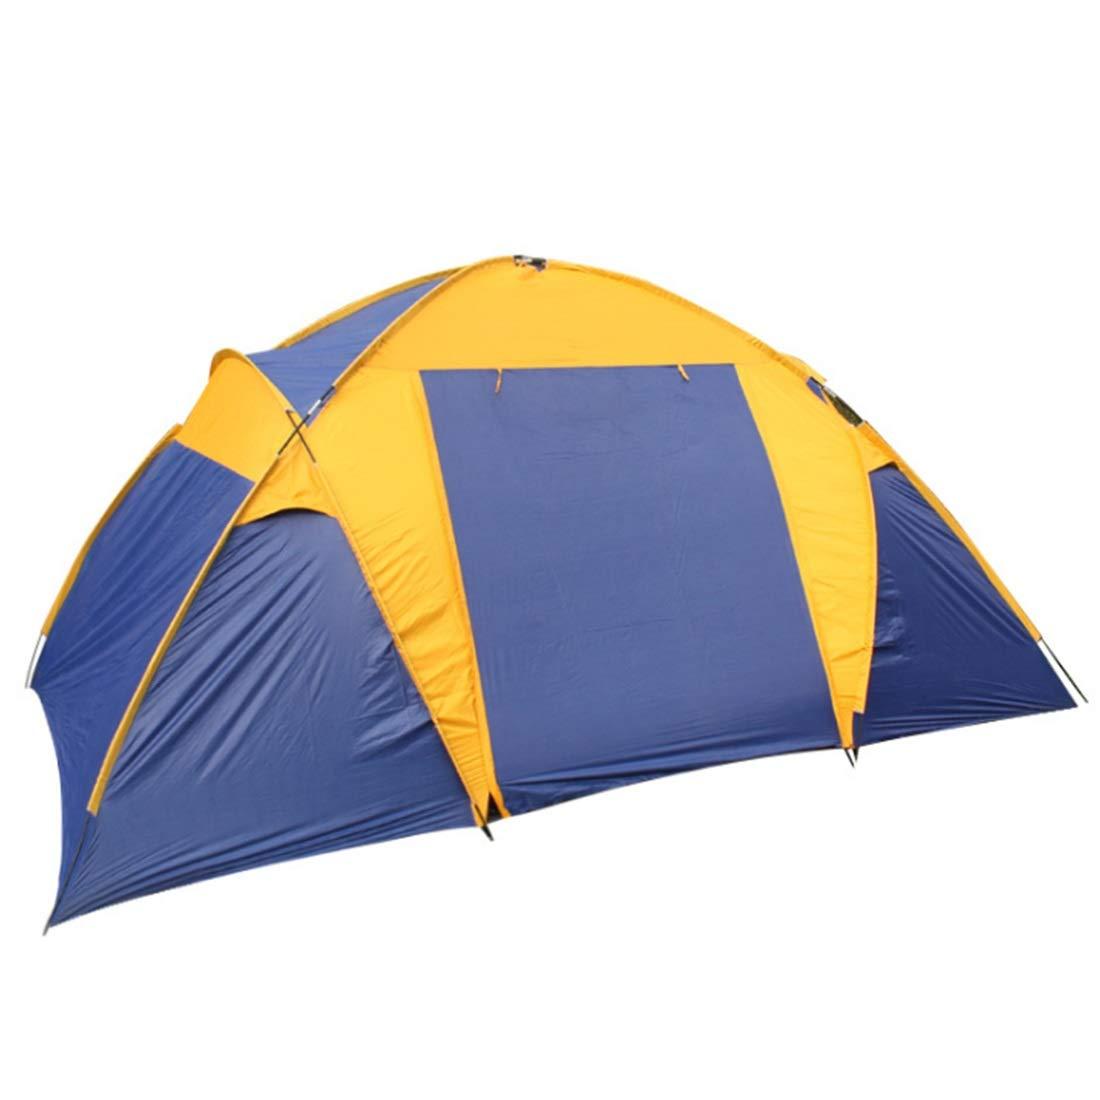 Kunliyin YY1 5 Personen Zwei Zimmer und EIN Wohnzimmer Outdoor-Zelt für Wilde Camping